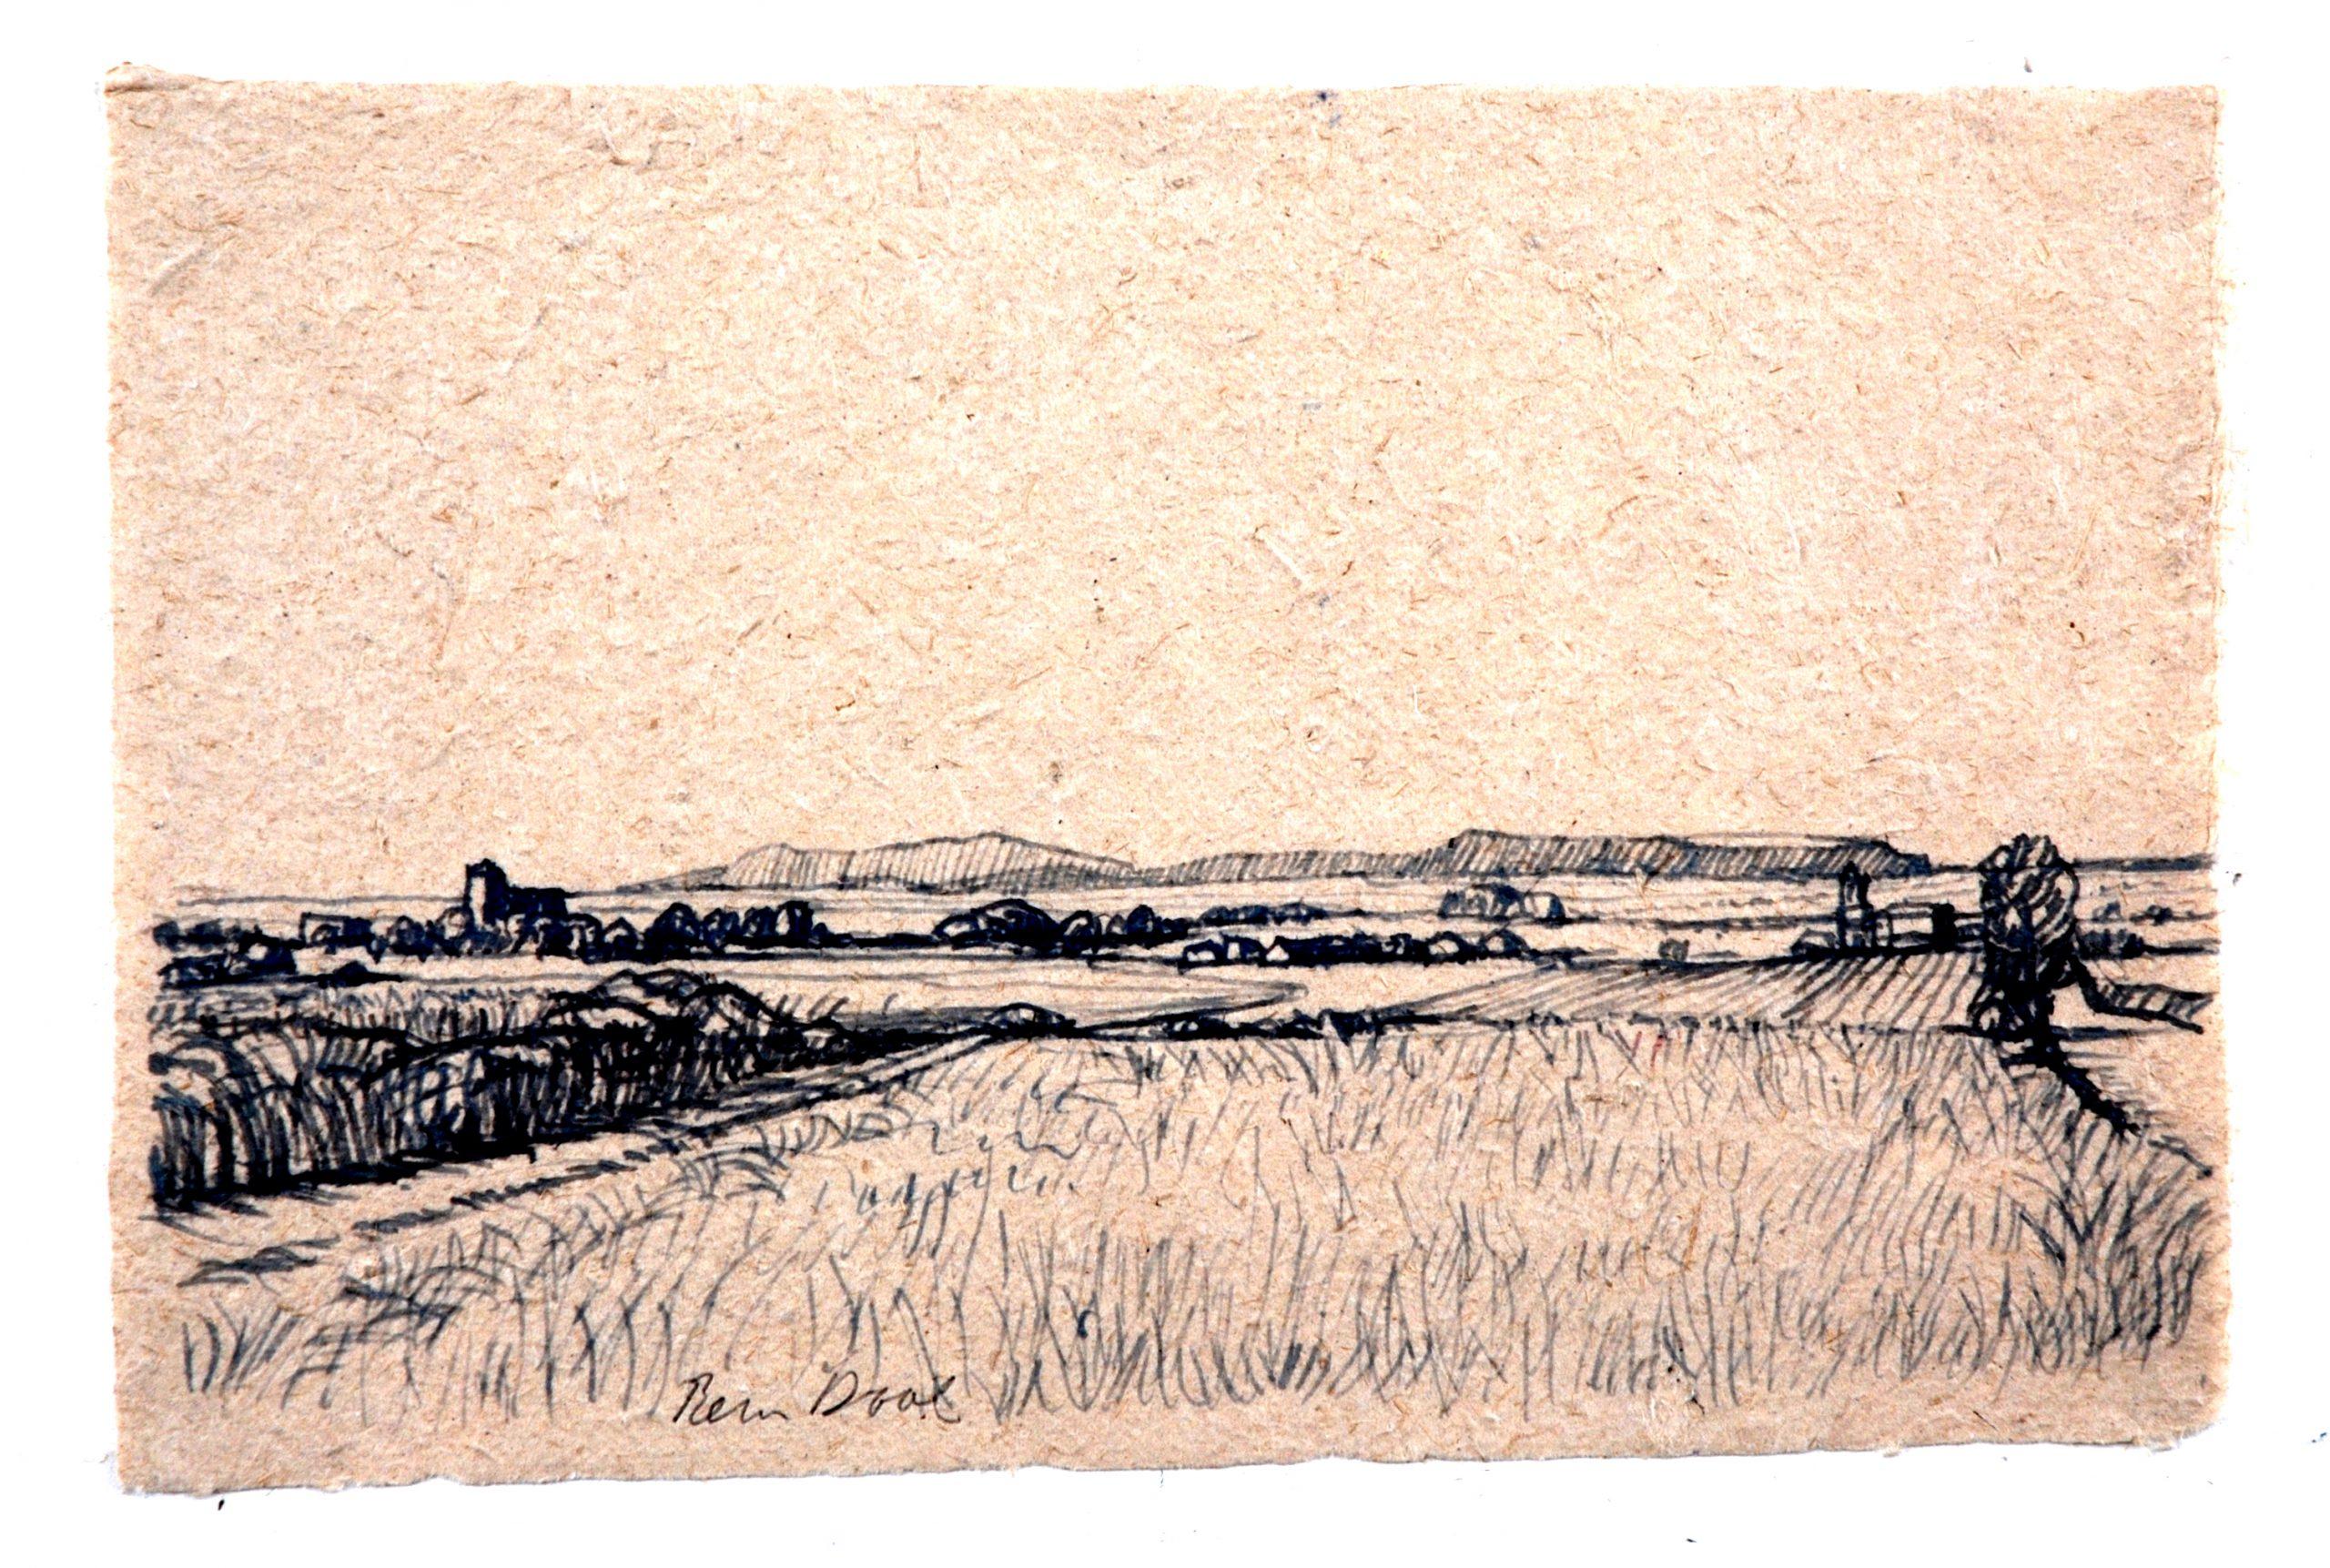 Castro Jeriz - Rein Dool, 19x30 cm. inkt 2005